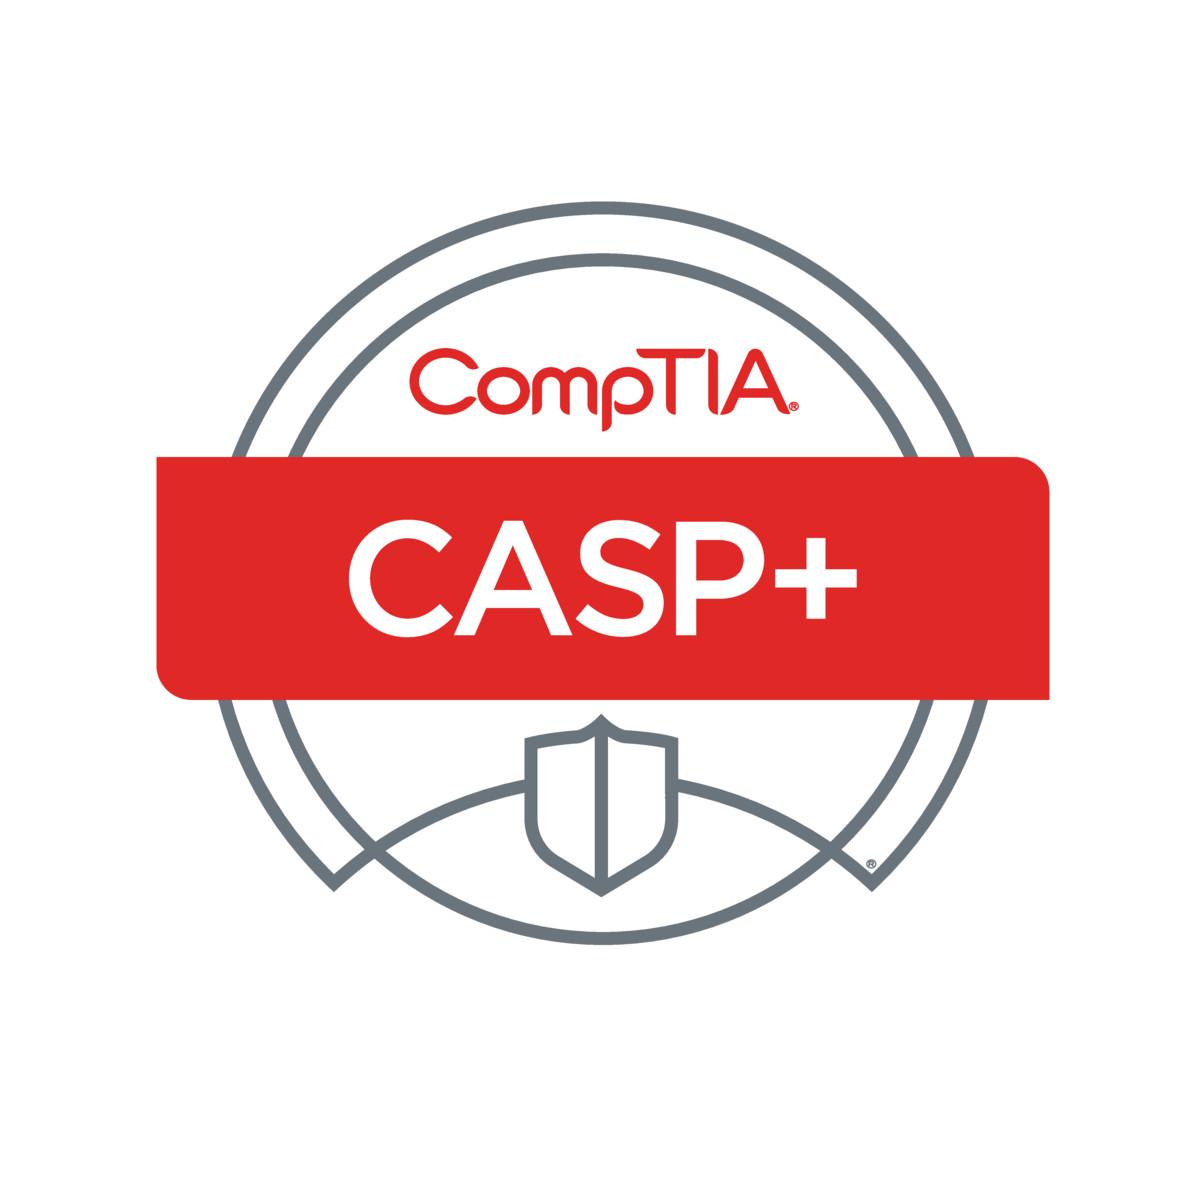 CAS-004 – CompTIA CASP+ (Updated 2021)